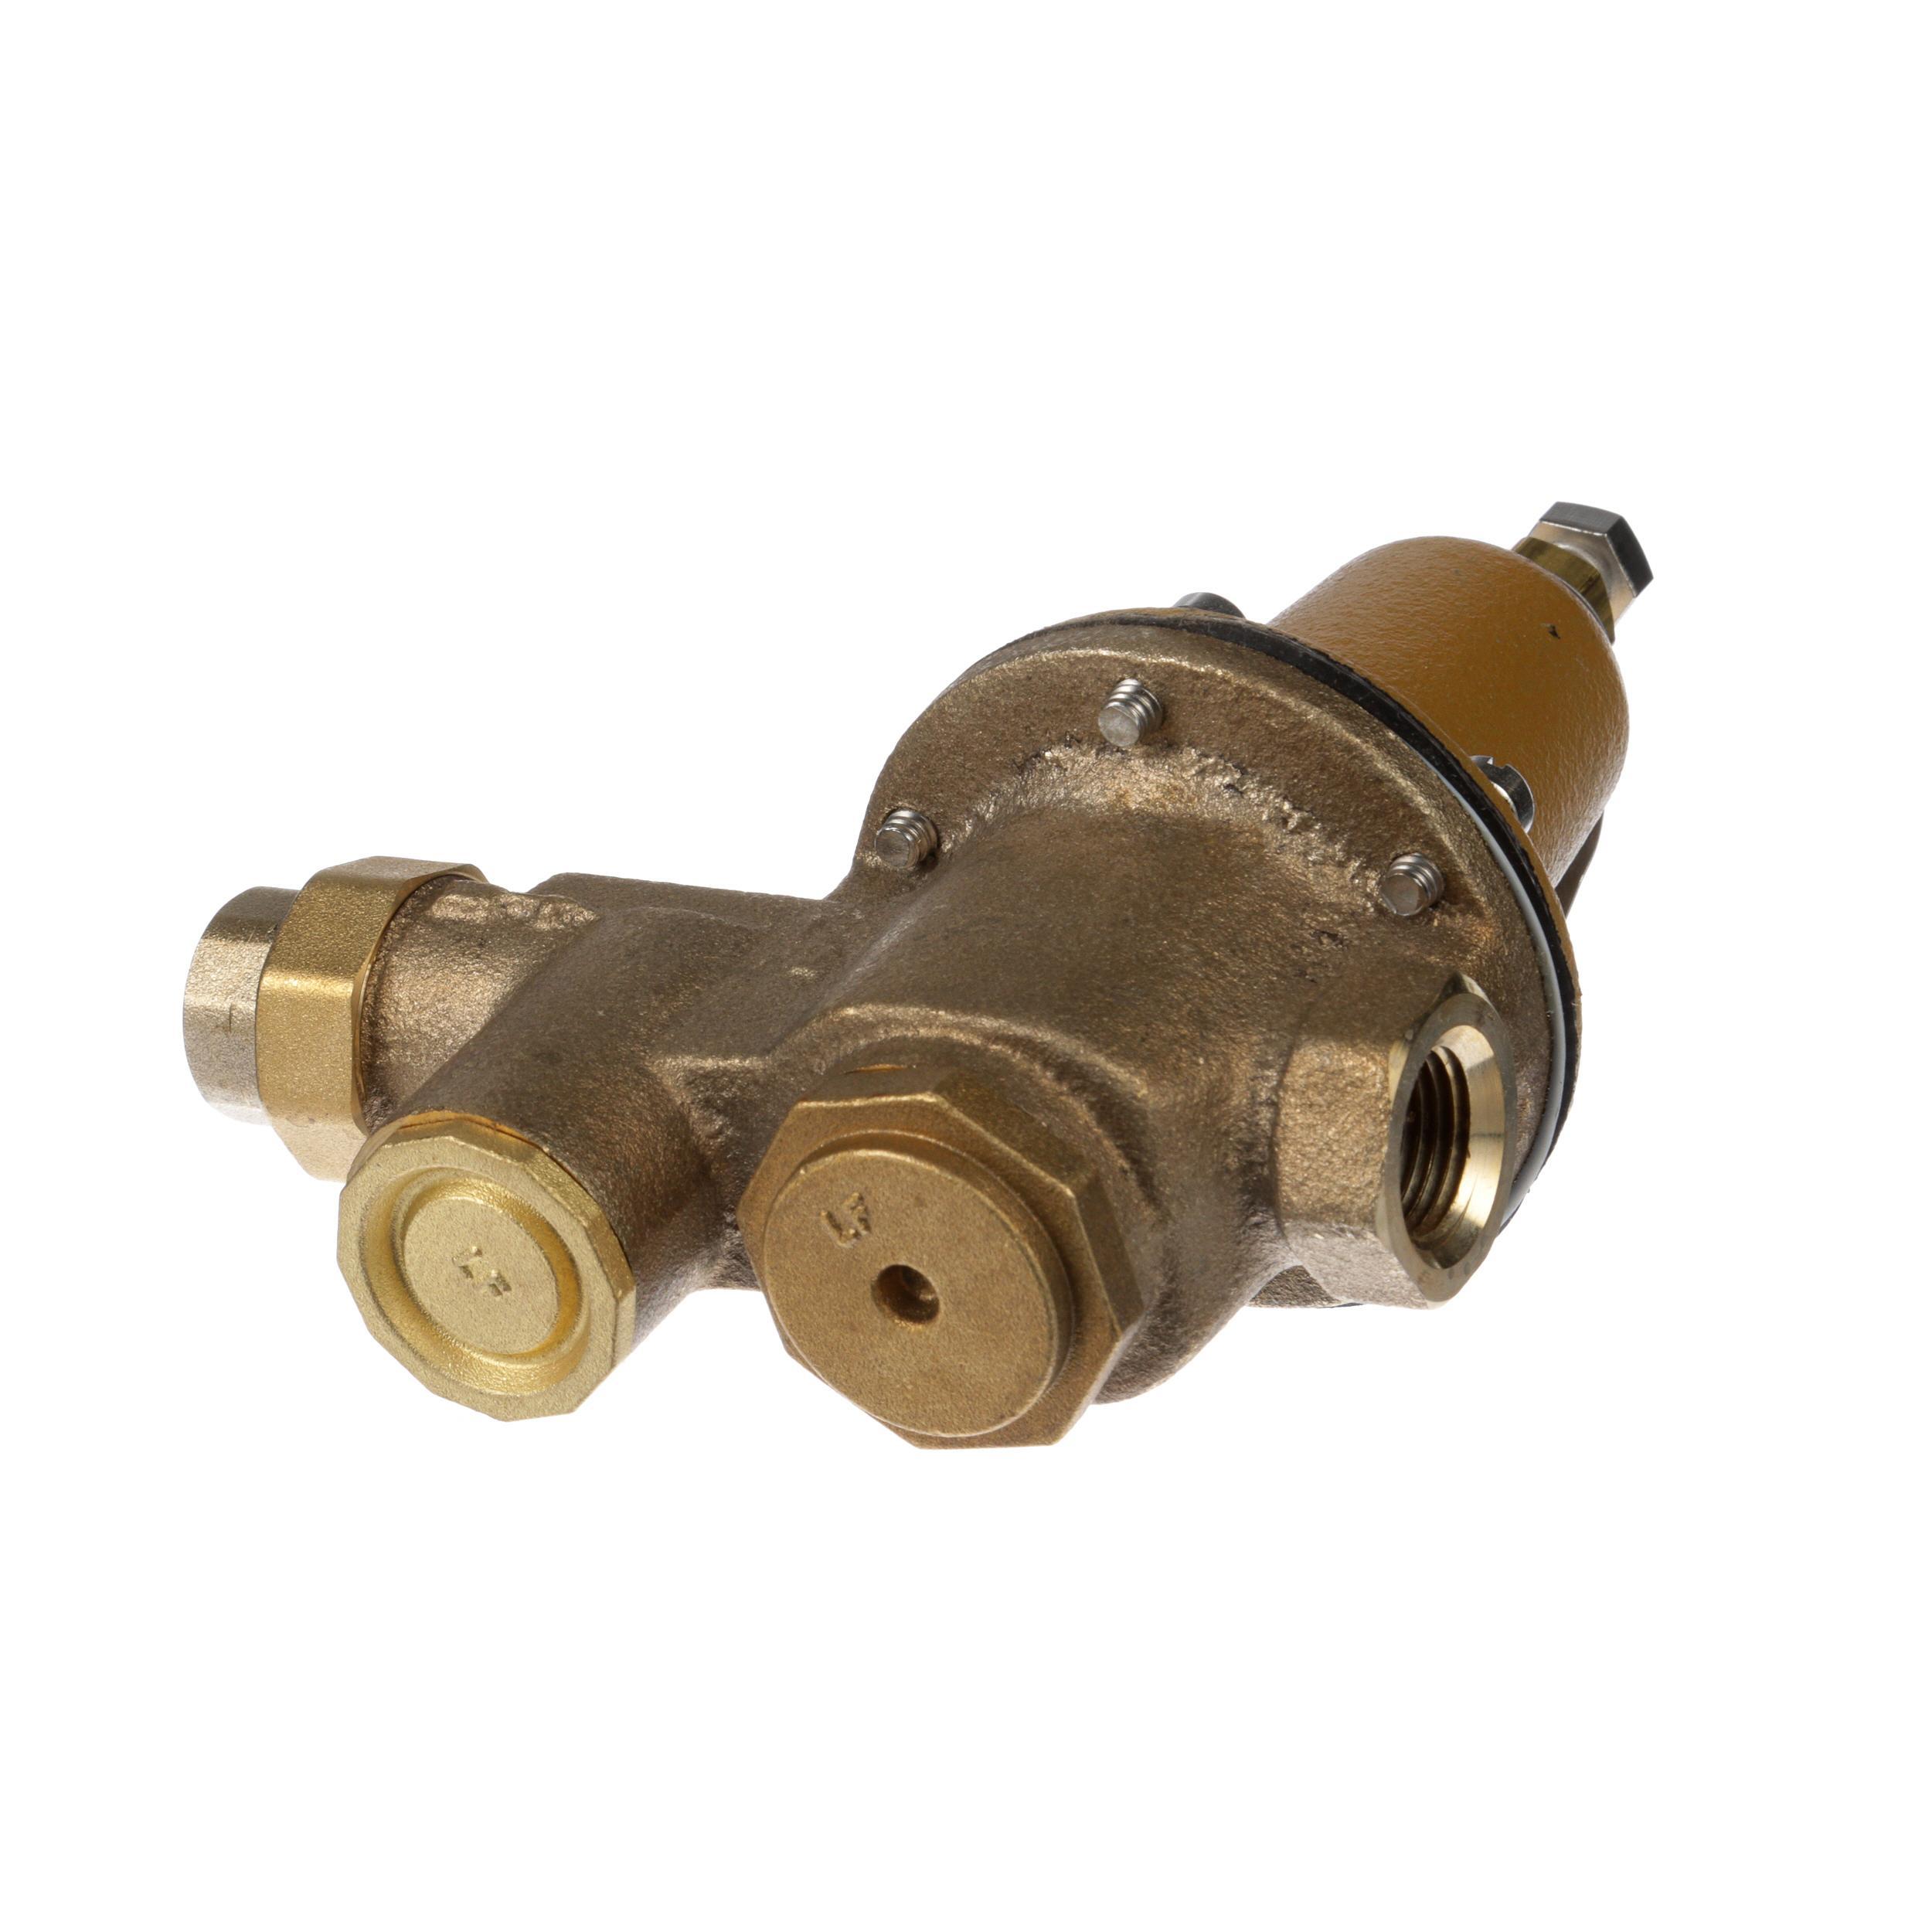 jackson regulator water pressure part 4820 100 04 07. Black Bedroom Furniture Sets. Home Design Ideas